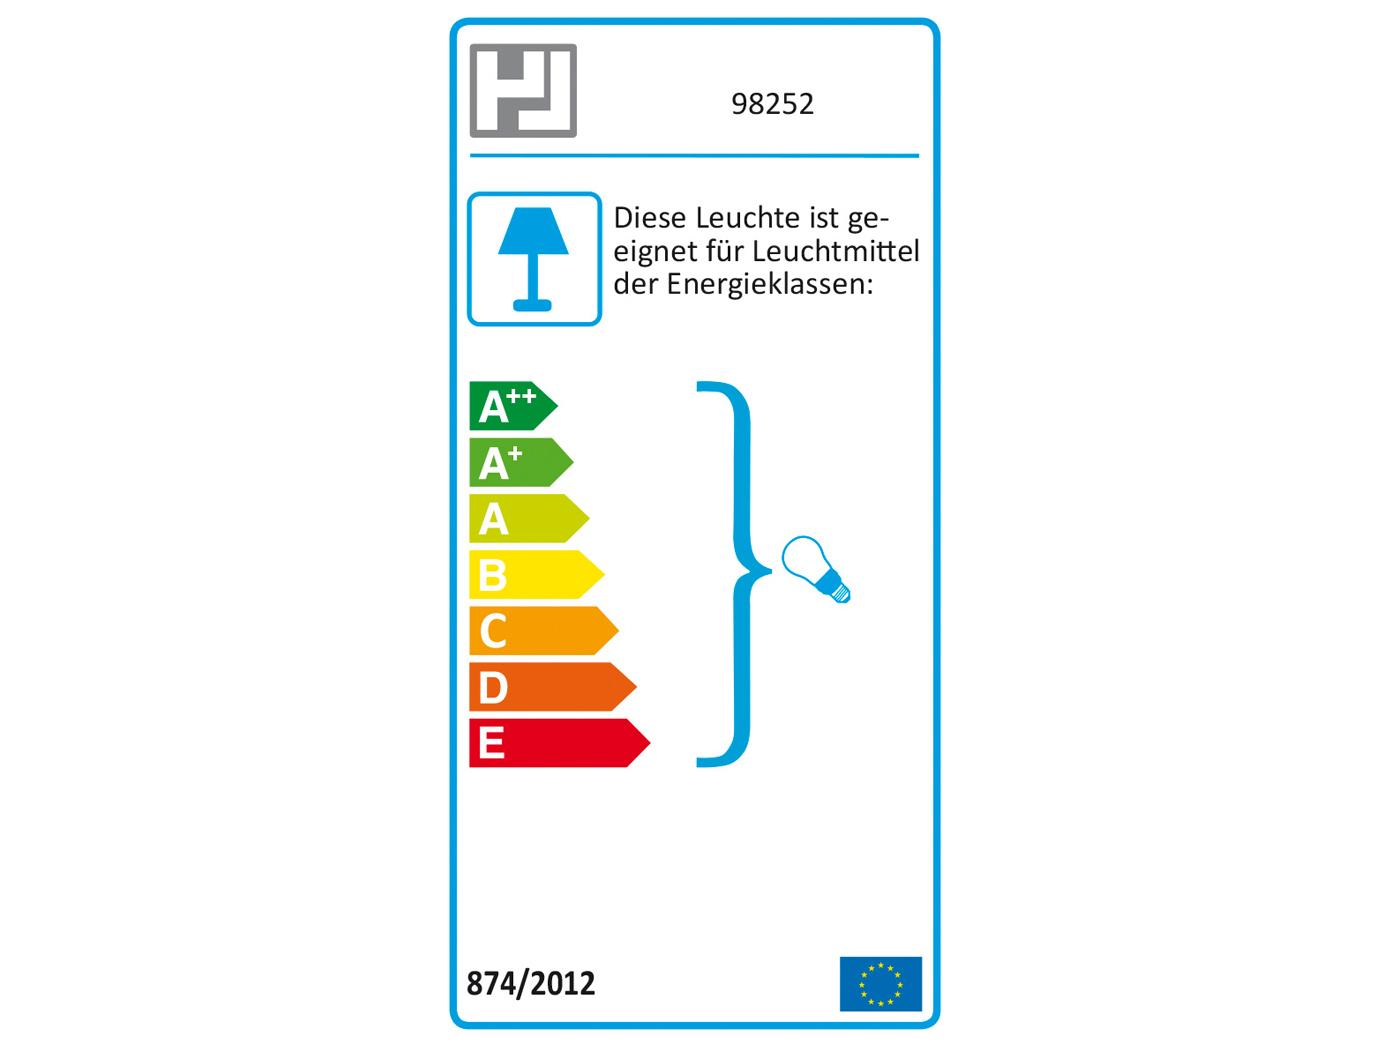 Kugel-Tischleuchte-20cm-Design-Blattsilberfarbig-E27-Tischlampe-Wohnraum-modern